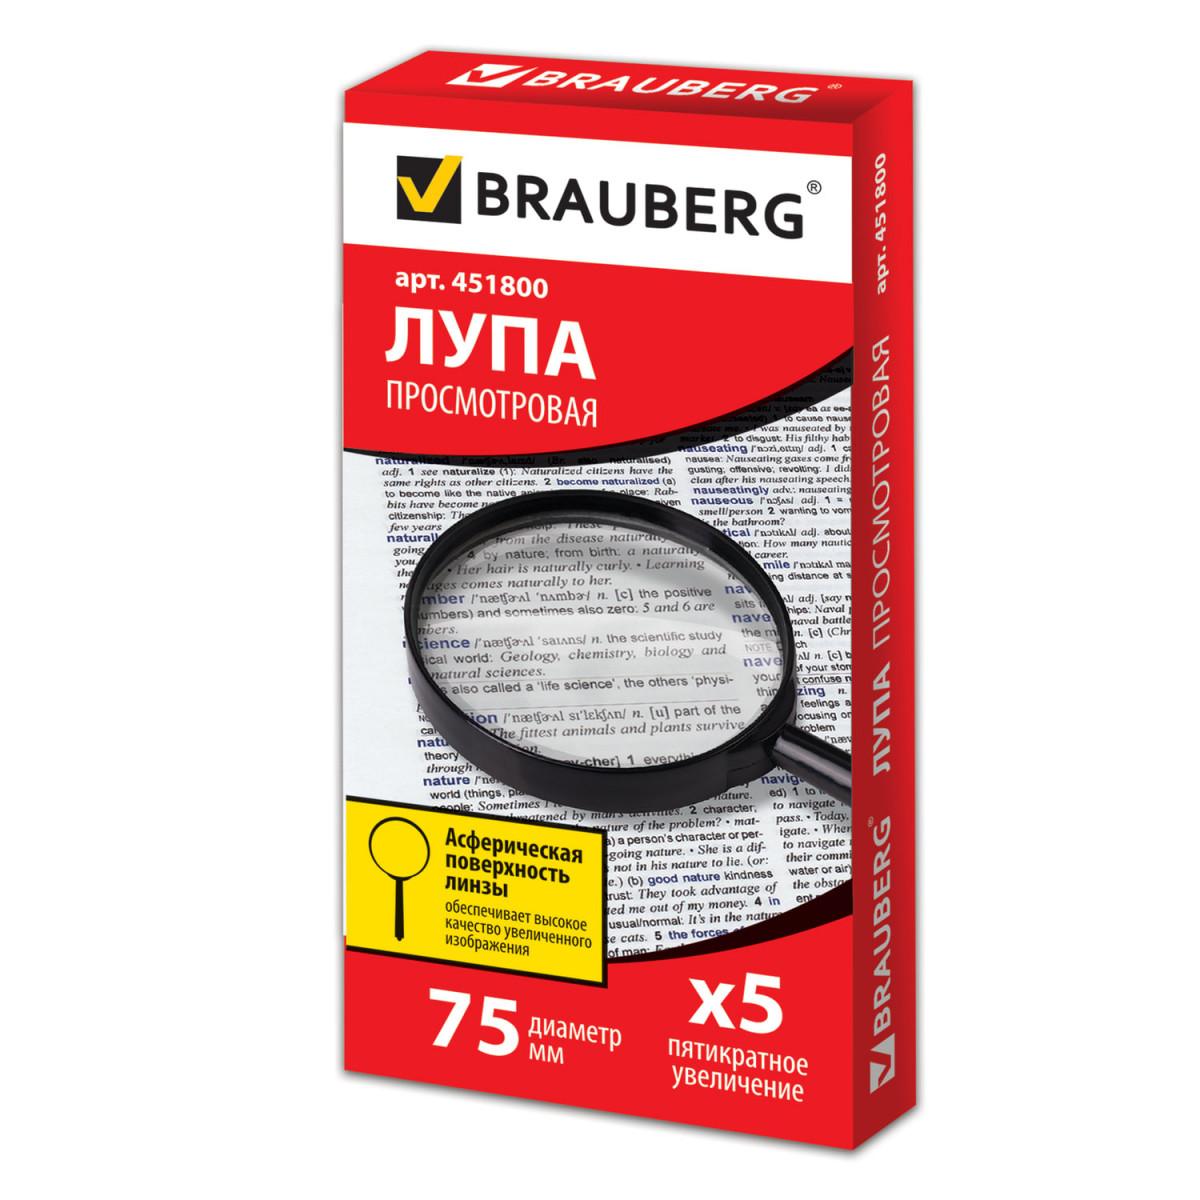 Лупа просмотровая BRAUBERG, диаметр 75 мм, увеличение 5, 451800 (арт. 451800)